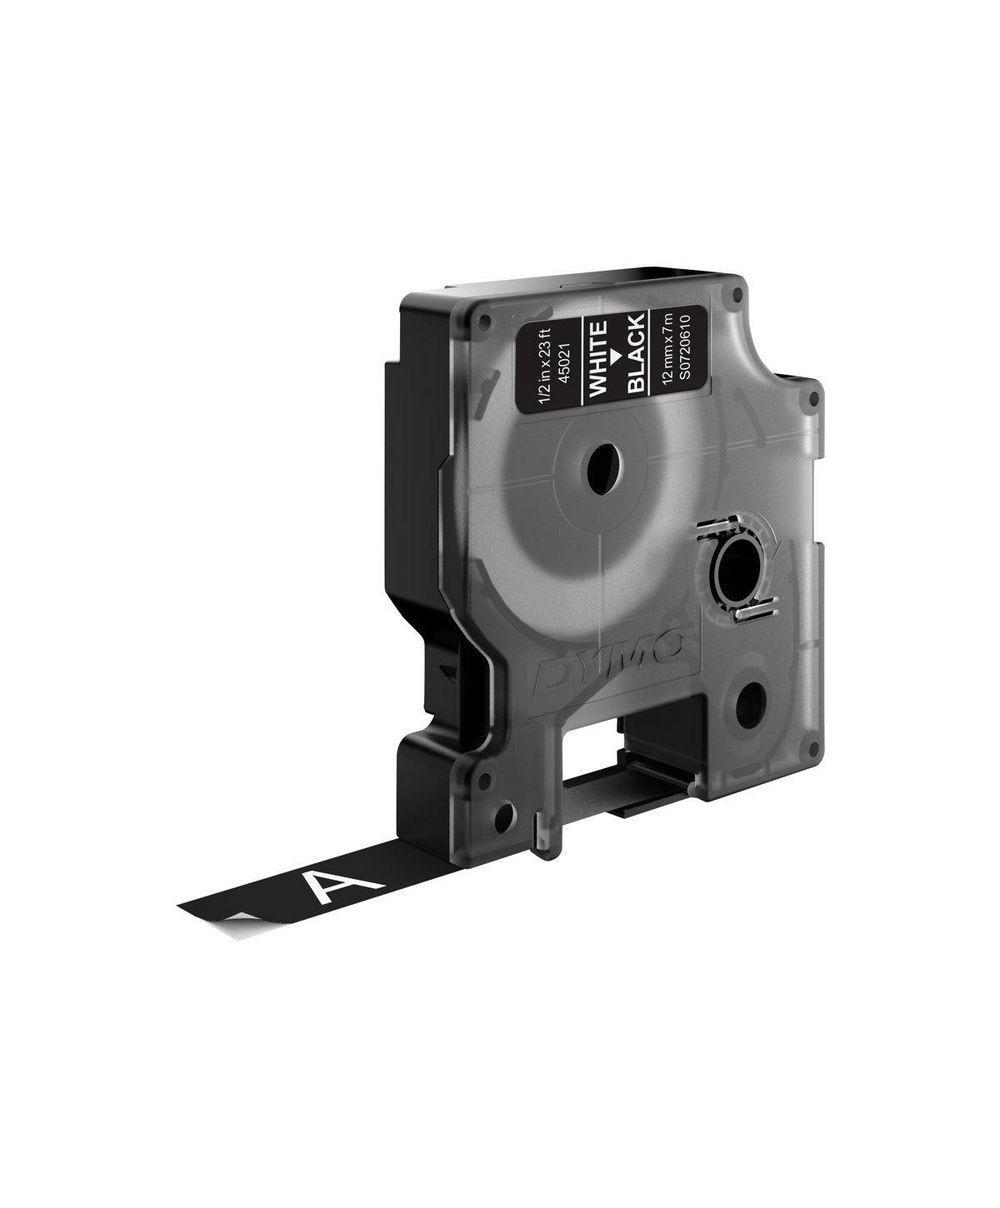 Dymo D1 Ruban   12 mm x 7 m blanc sur noir 45021 Accessoires Étiqueteuse